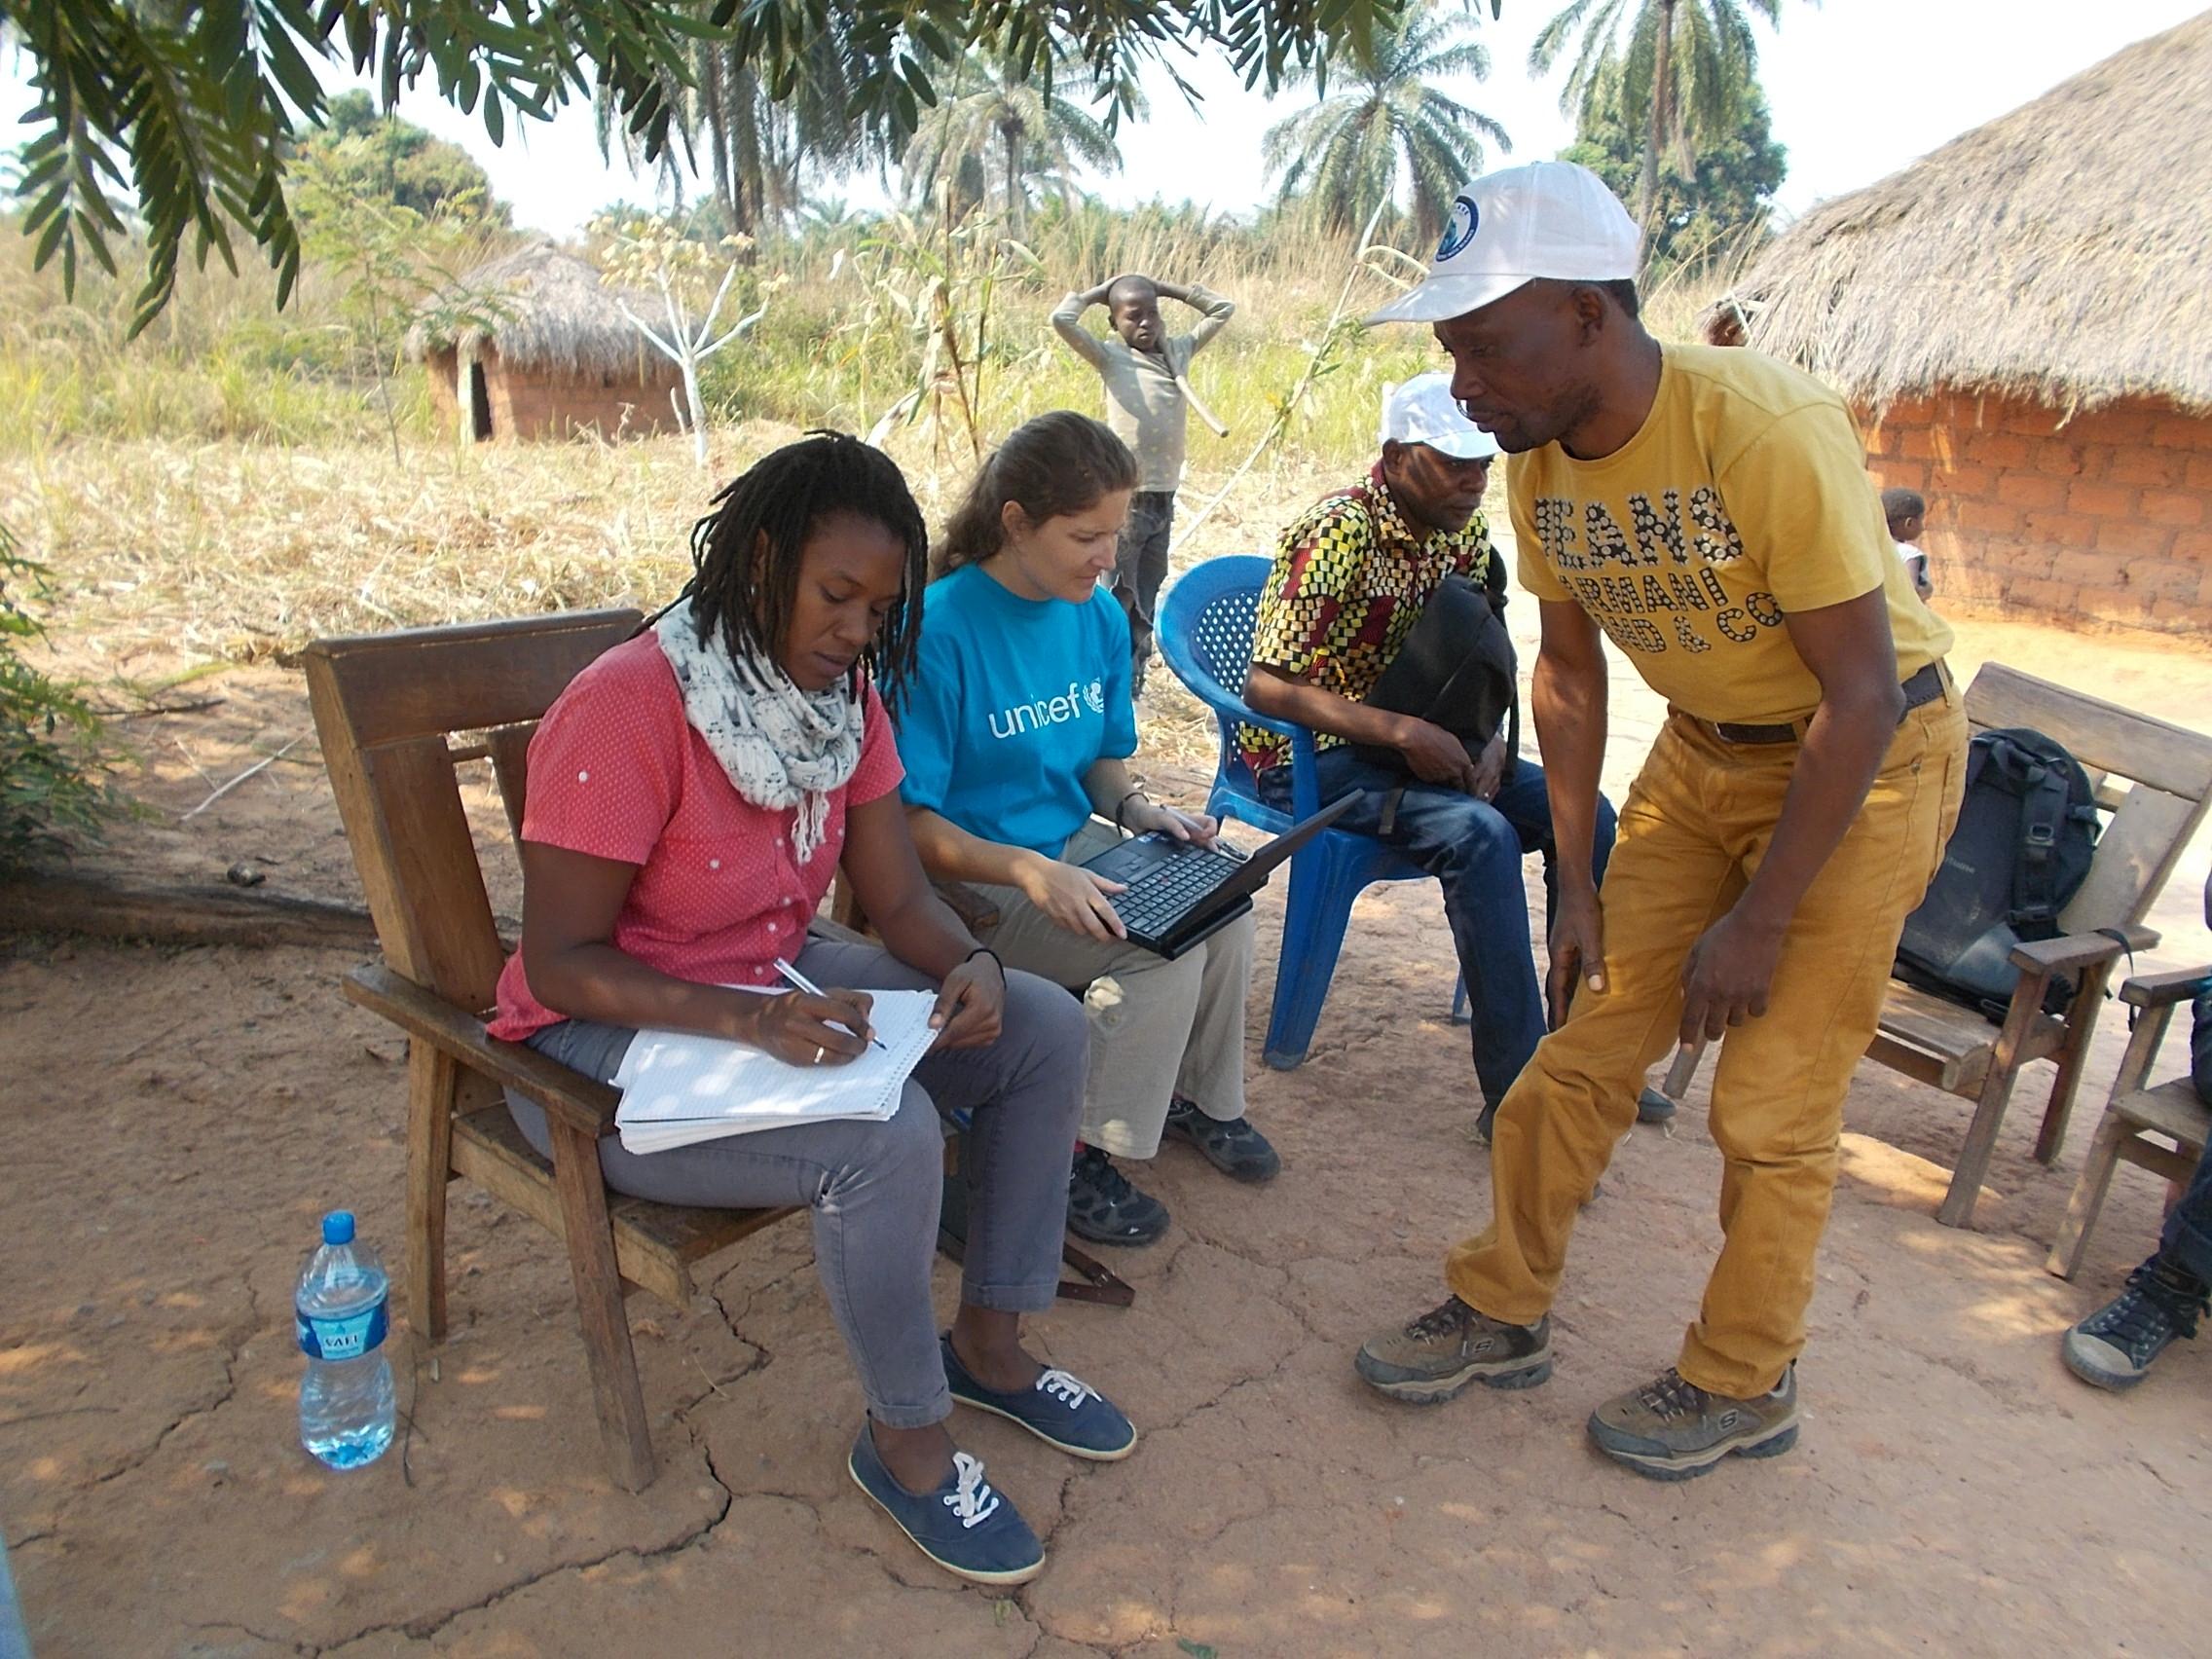 Axelle fidelin jeune volontaire de lonu coordinatrice à unicef unv